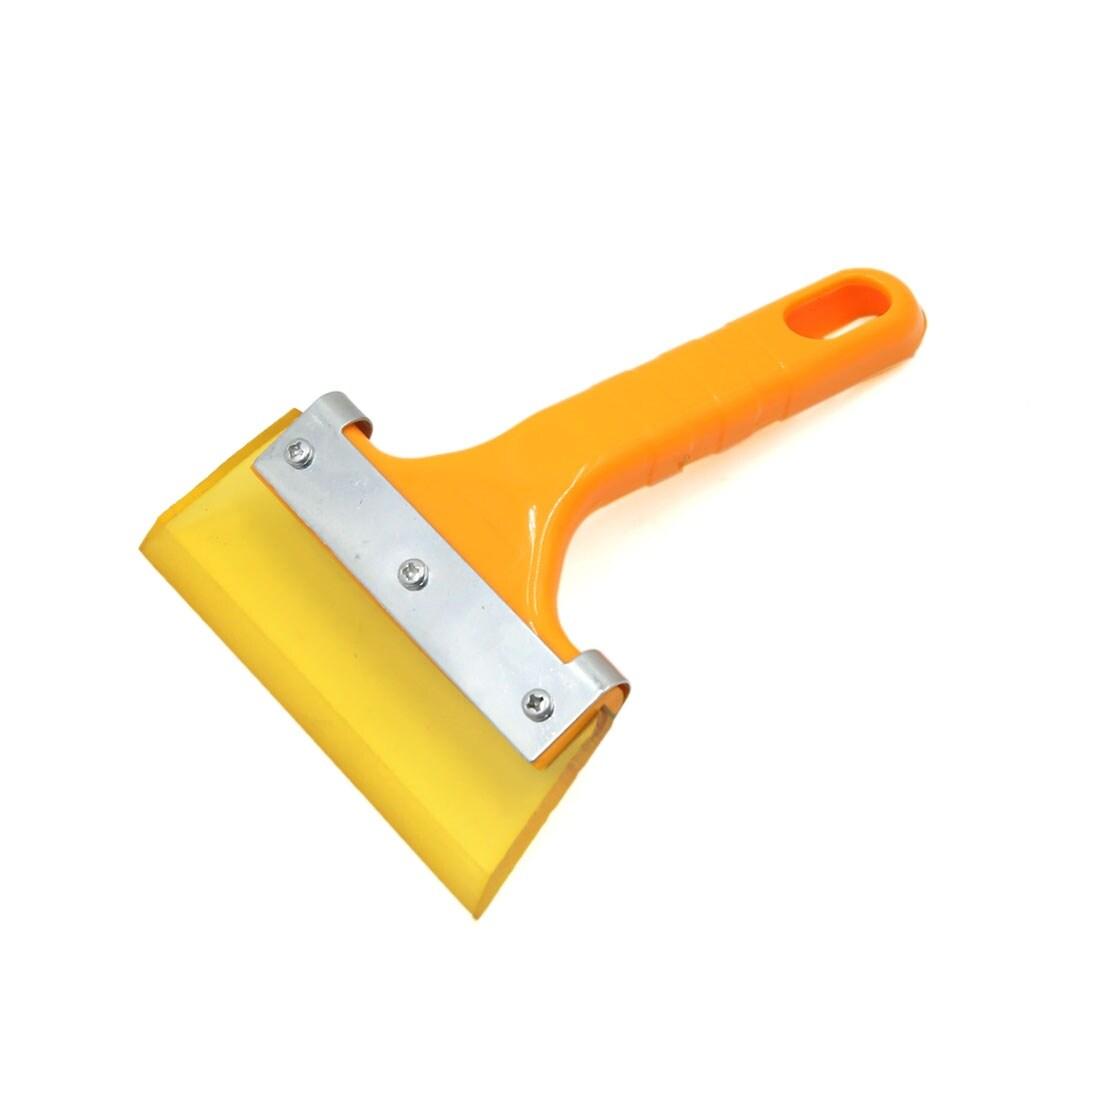 Yellow Comfort Grip Handle. Set of 2 Windshield Ice Scrapers